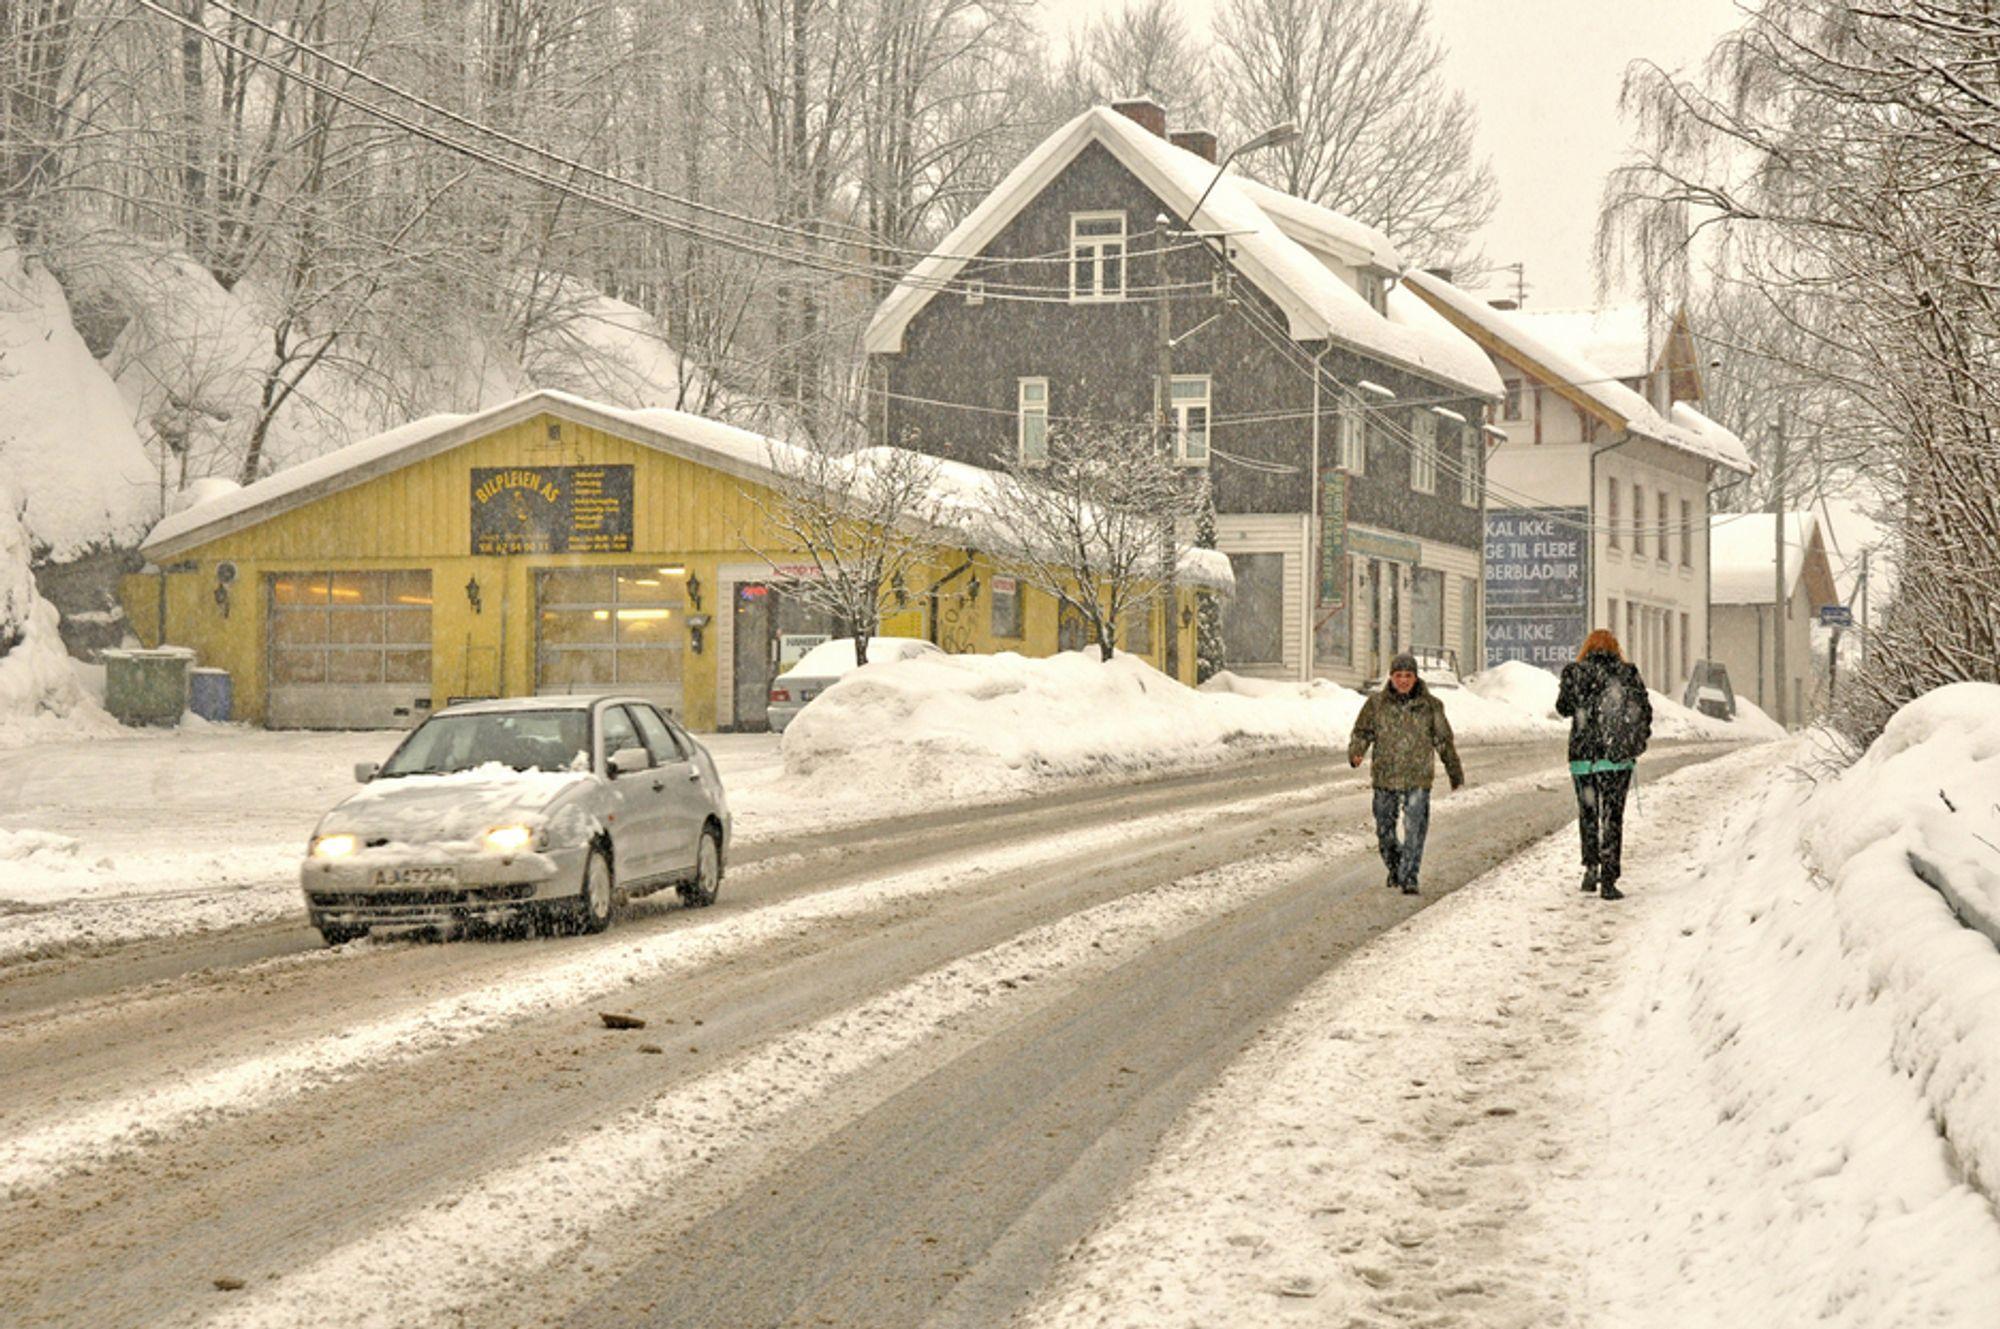 Fortauet er altfor smalt på en del av fylkesveg 164, også kjent som Leif Larsens vei. Når det blir ytterligere innsnevret av snø, blir kjørebanen ofte tatt i bruk av fotgjengere. Fortauet blir utvidet når Løkkeåstunnelen blir ferdig.